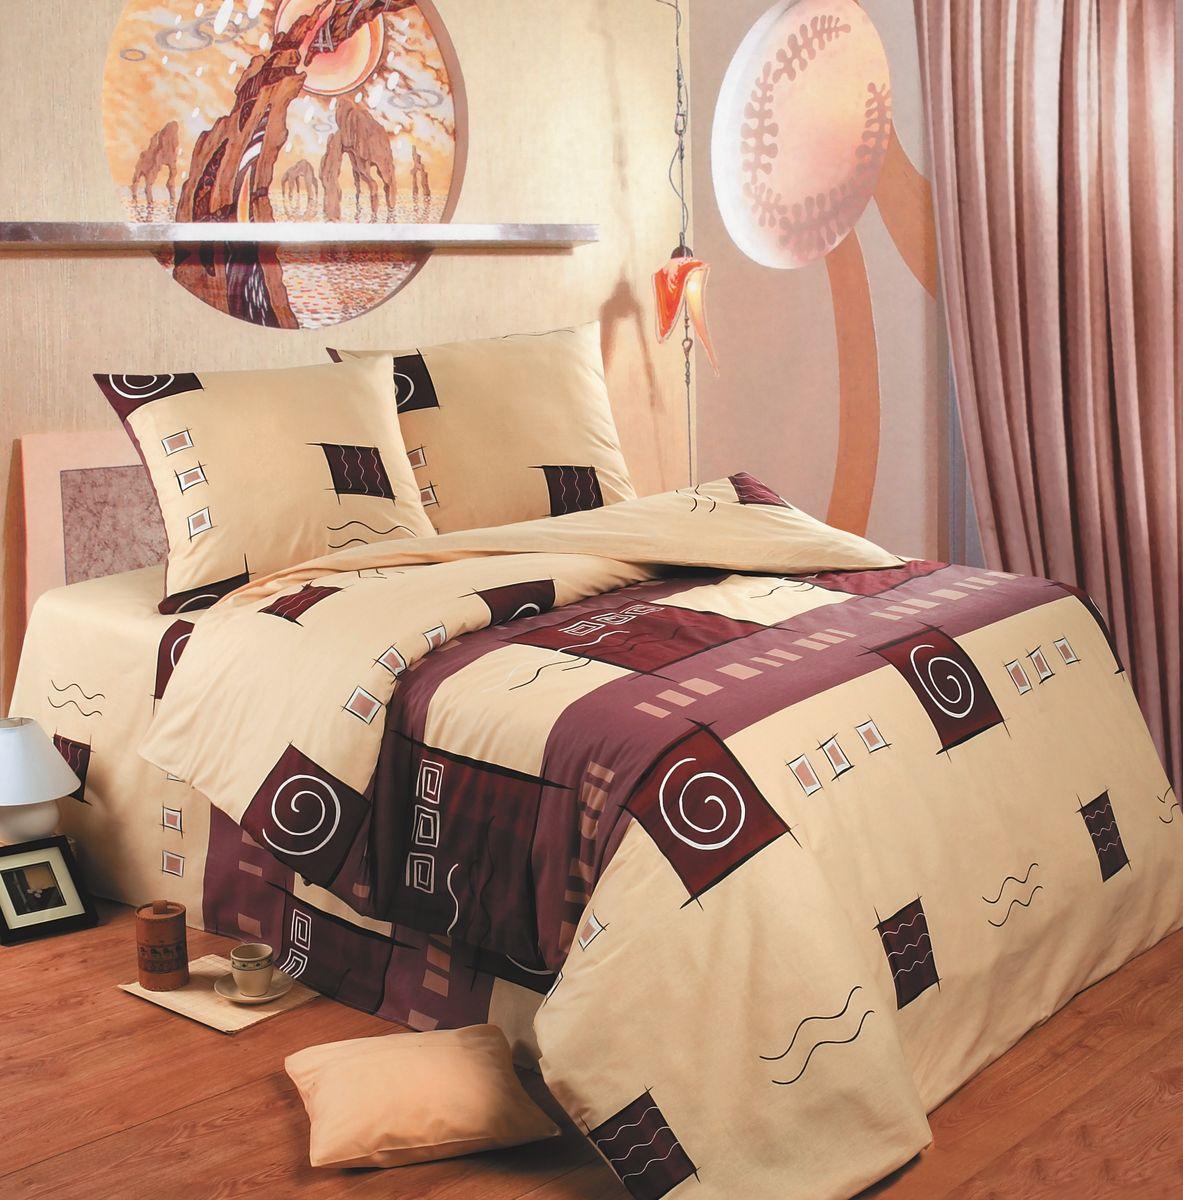 Комплект белья Любимый дом Дюна, 1,5-спальный, наволочки 70x70, цвет: коричневый. 327638327638Комплект постельного белья Любимый дом Дюна состоит из пододеяльника, простыни и двух наволочек. Постельное белье оформлено оригинальным рисунком и имеет яркийвнешний вид. Белье изготовлено из новой ткани Биокомфорт, отвечающей всем необходимым нормативным стандартам. Биокомфорт - это тканьполотняного переплетения, из экологически чистого и натурального 100% хлопка. Неоспоримым плюсом белья из такой ткани является мягкостьи легкость, она прекрасно пропускает воздух, приятна на ощупь, не образует катышков на поверхности и за ней легко ухаживать. При соблюдениирекомендаций по уходу, это белье выдерживает много стирок, не линяети не теряет свою первоначальную прочность. Уникальная ткань обеспечивает легкую глажку.Приобретая комплект постельного белья Любимый дом Дюна, вы можете быть уверенны в том, что покупка доставит вам ивашим близким удовольствие и подарит максимальный комфорт.